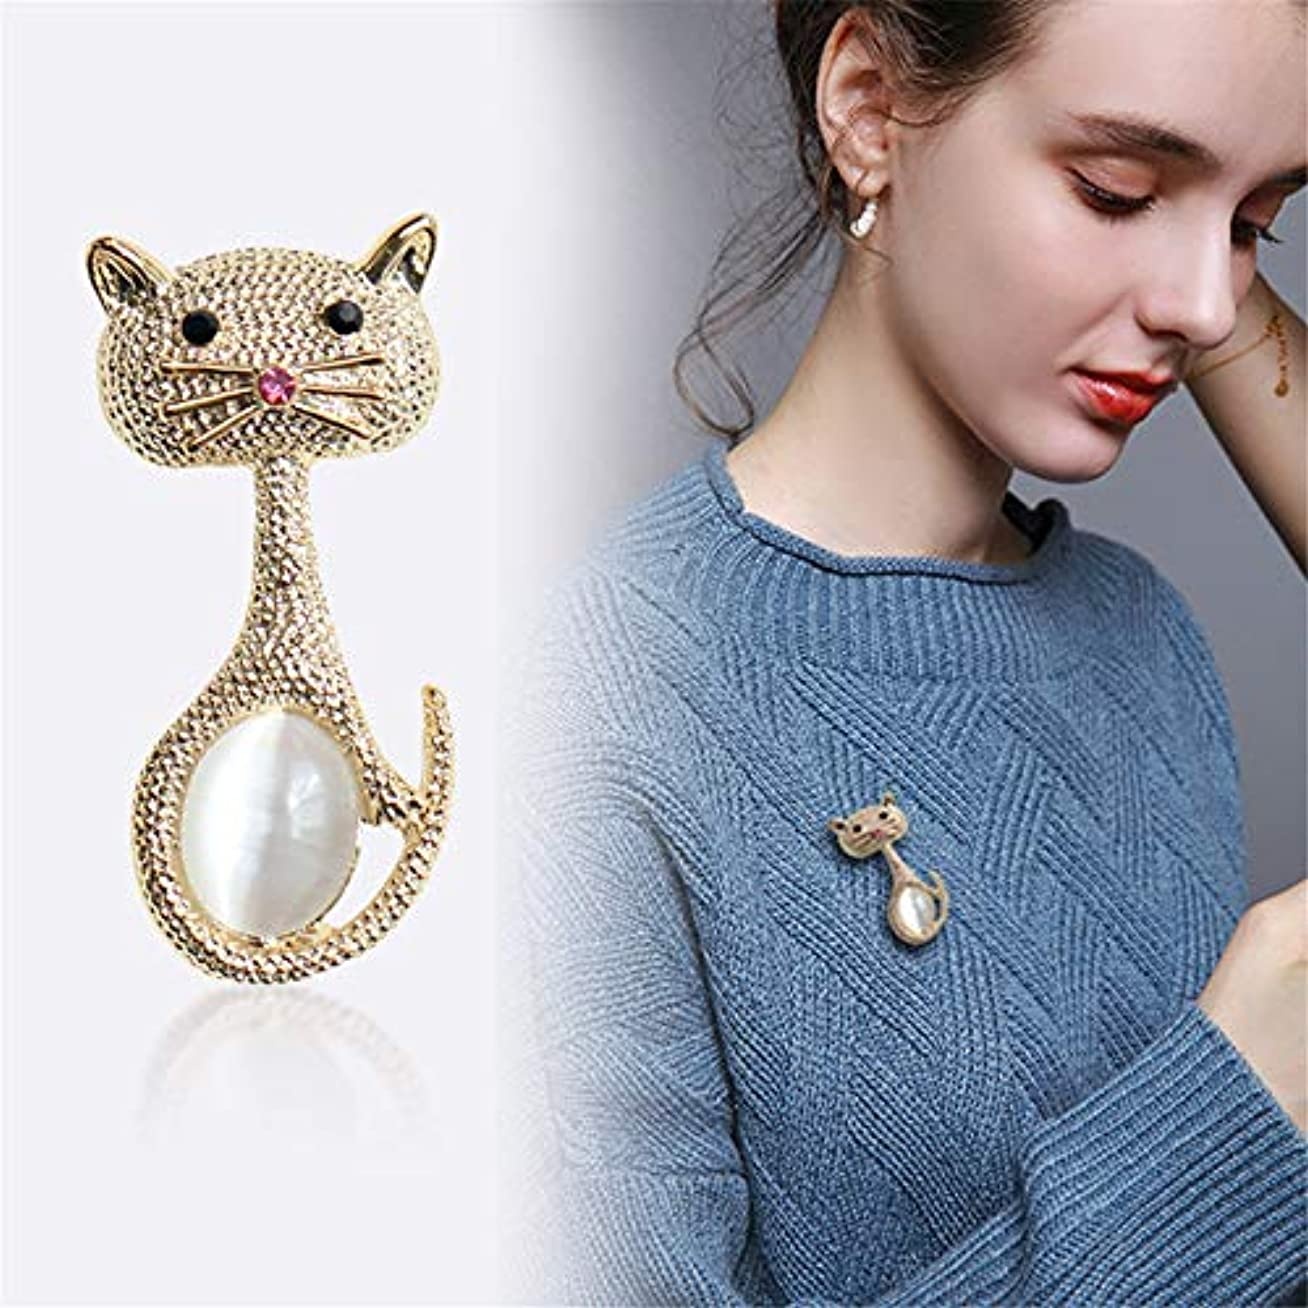 アメリカ大学生減衰生地と花石鹸の花 男性と女性のための人工オパールBoutonniere小さなピンとかわいいかわいい猫のブローチ